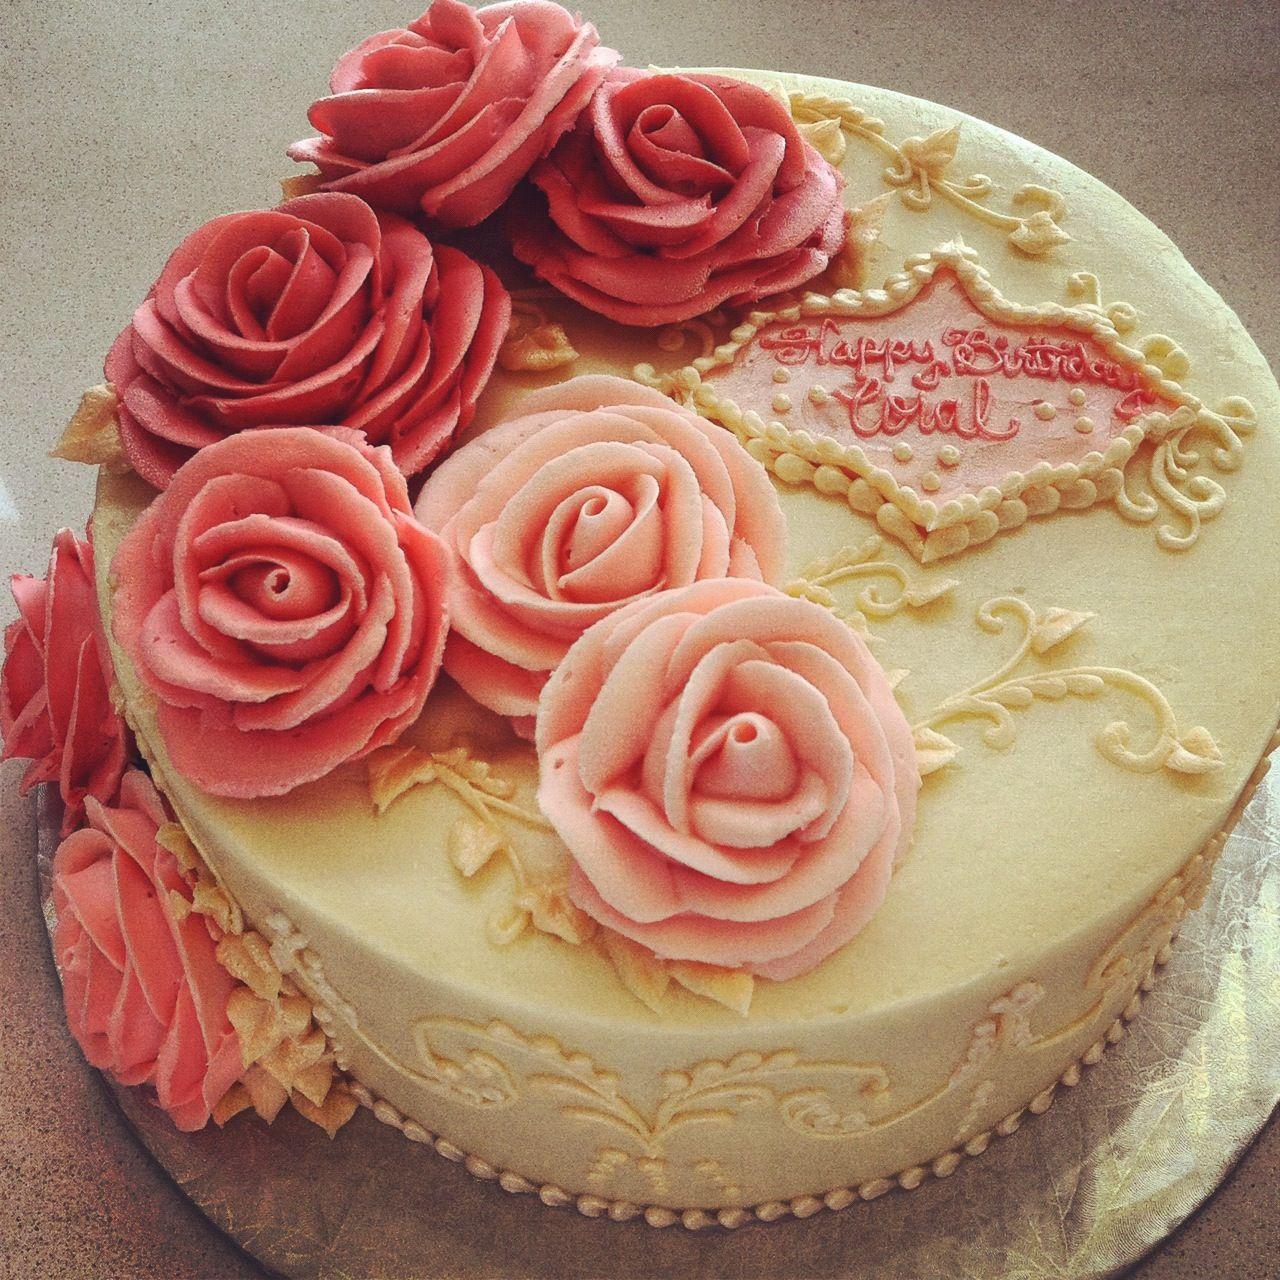 Rose buttercream birthday cake custom gourmet cakes ...